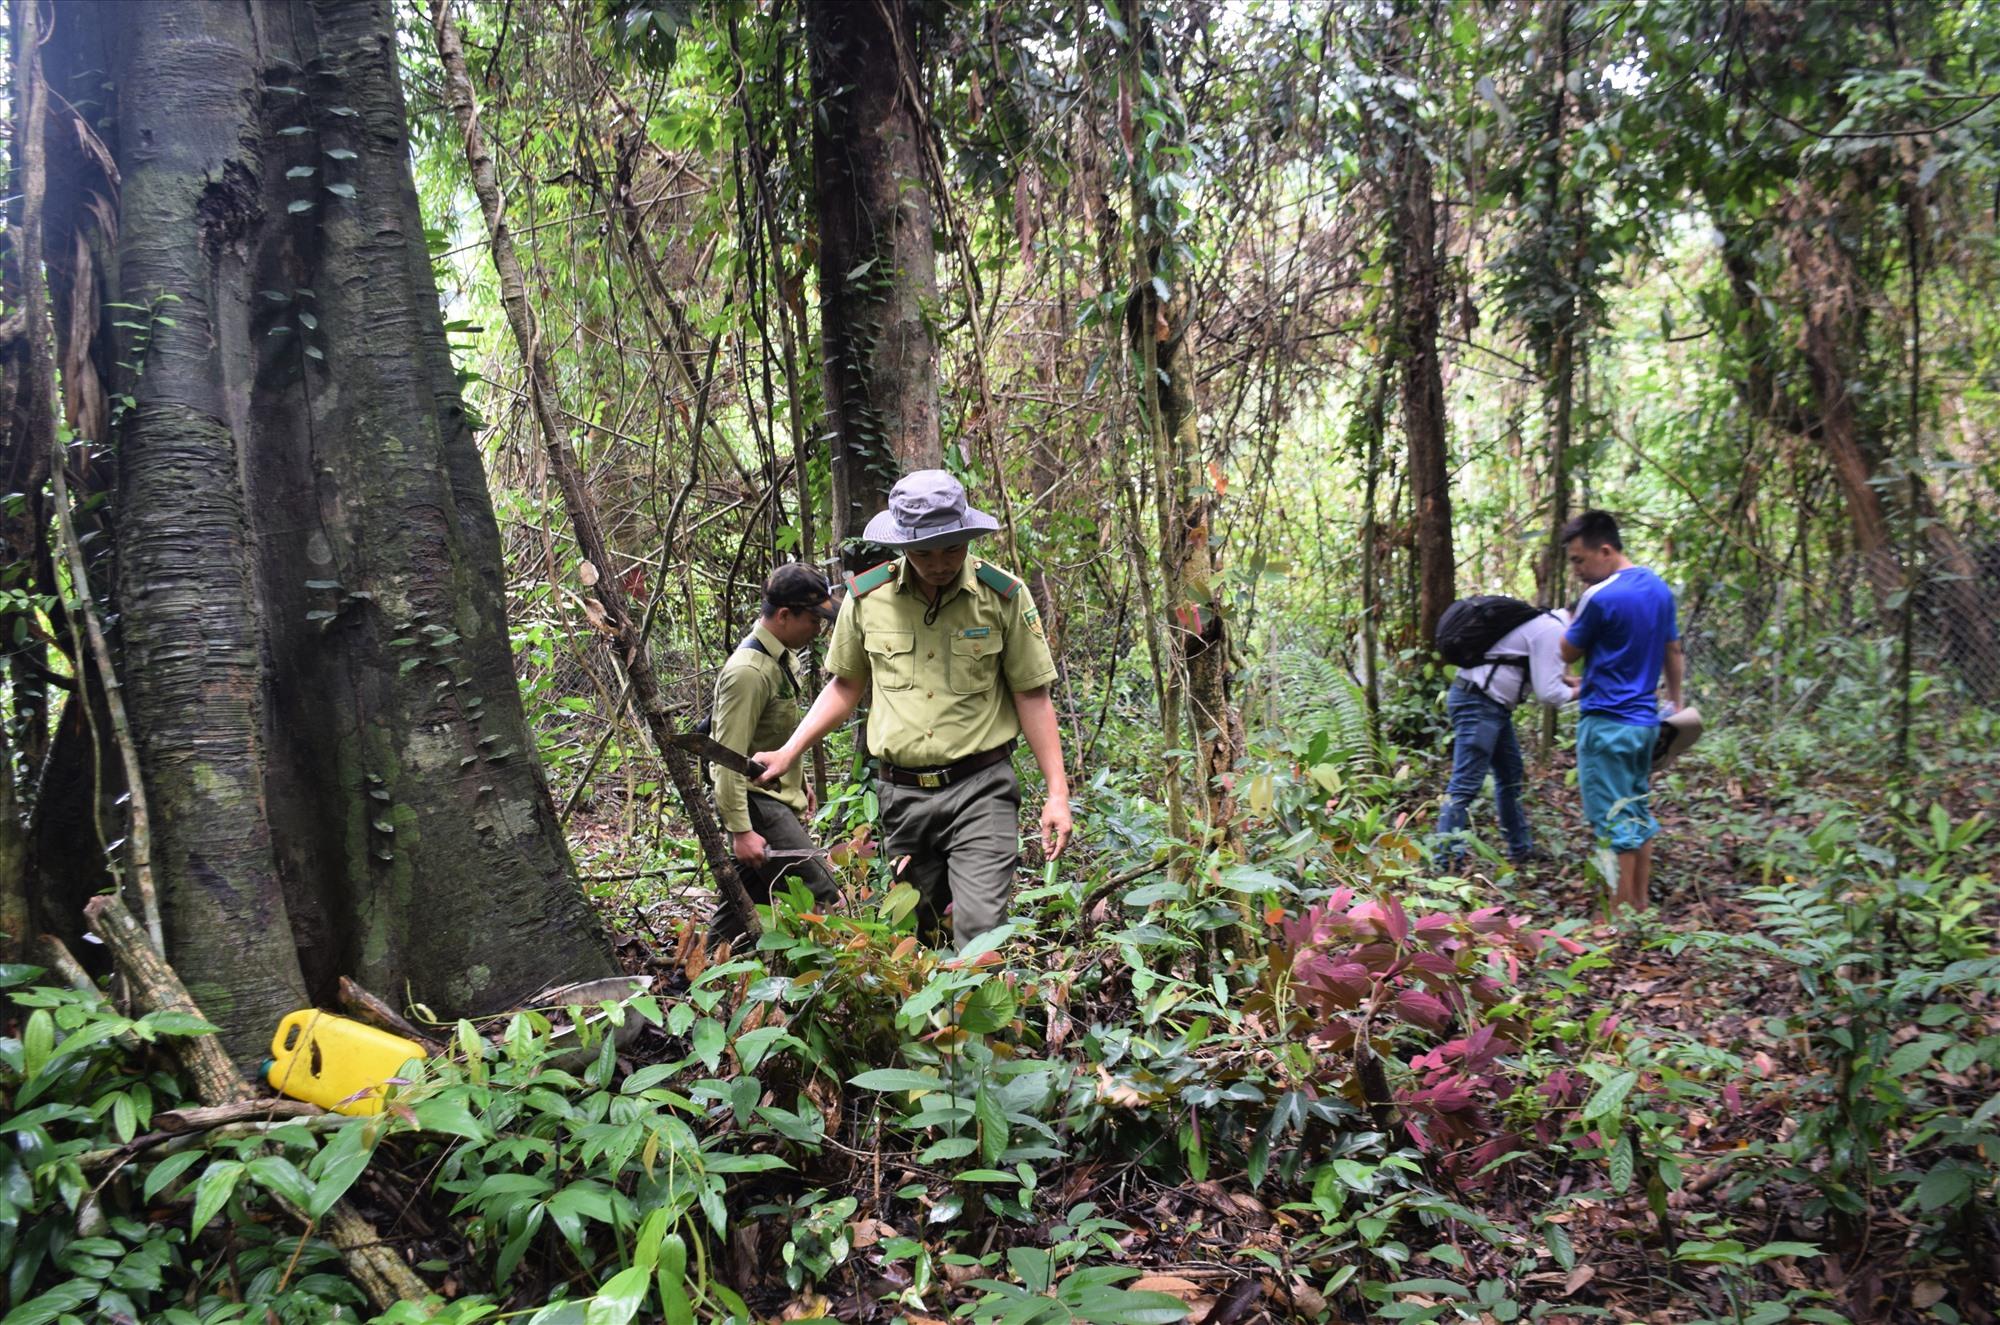 Quảng Nam tăng cường công tác quản lý, bảo vệ rừng và cho thuê môi trường rừng đặc dụng, phòng hộ. Ảnh: M.L